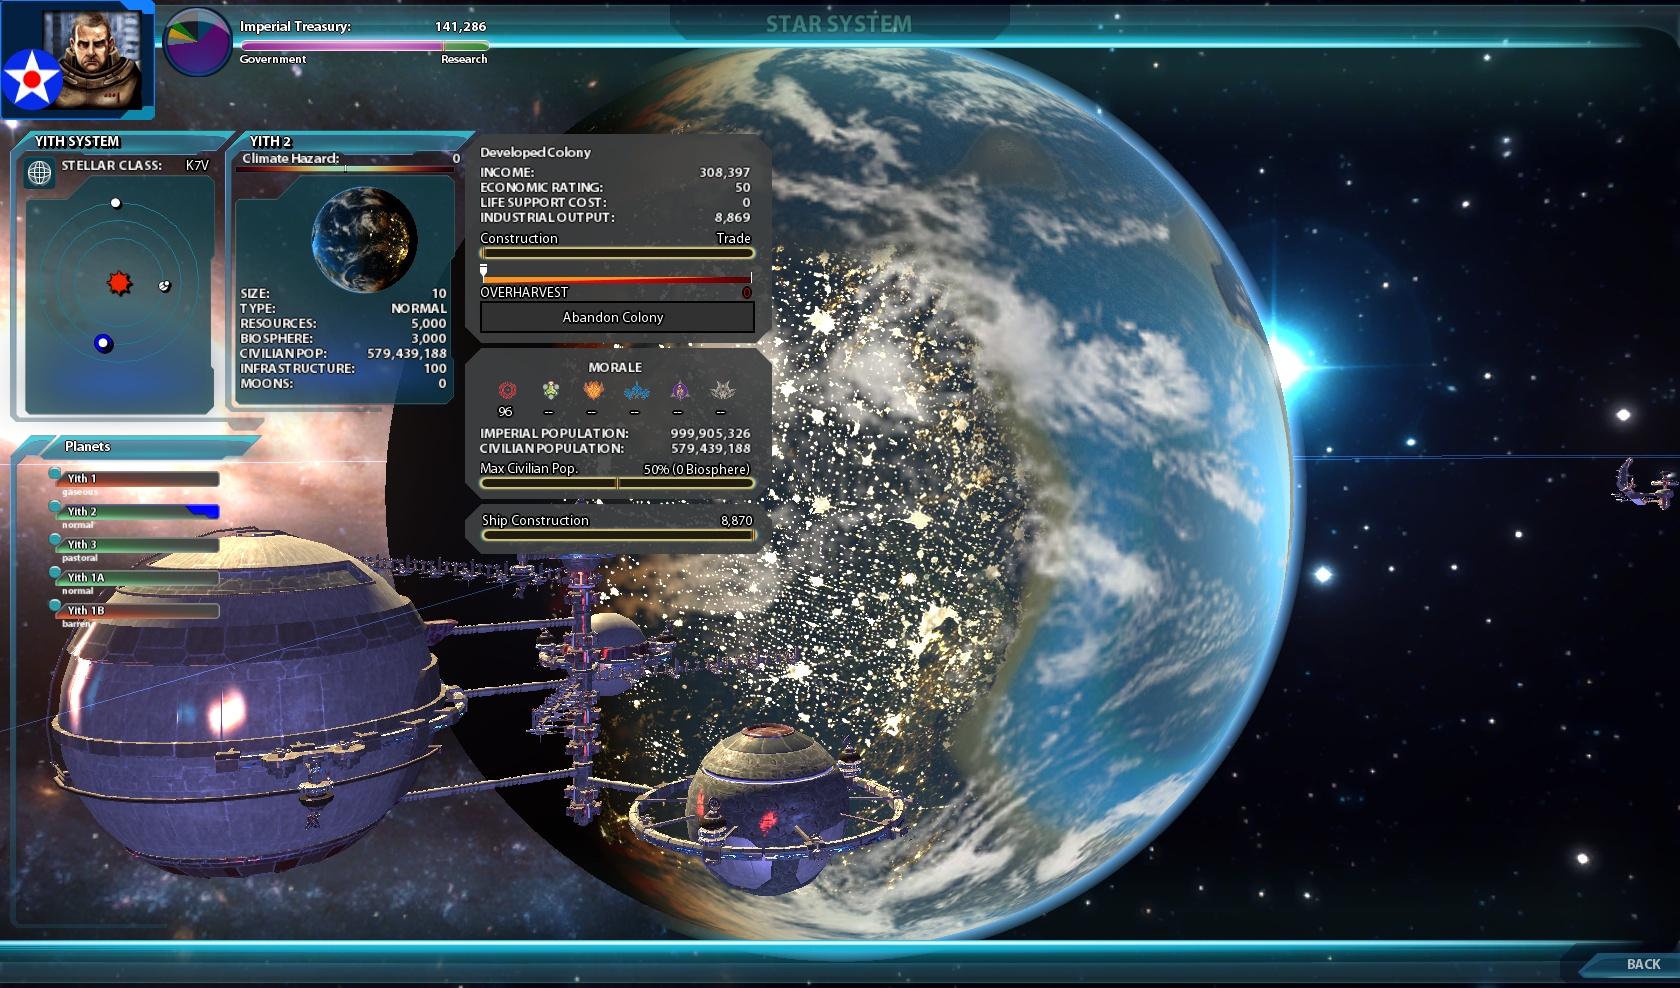 صورة من اعدادات لعبة حرب النجوم